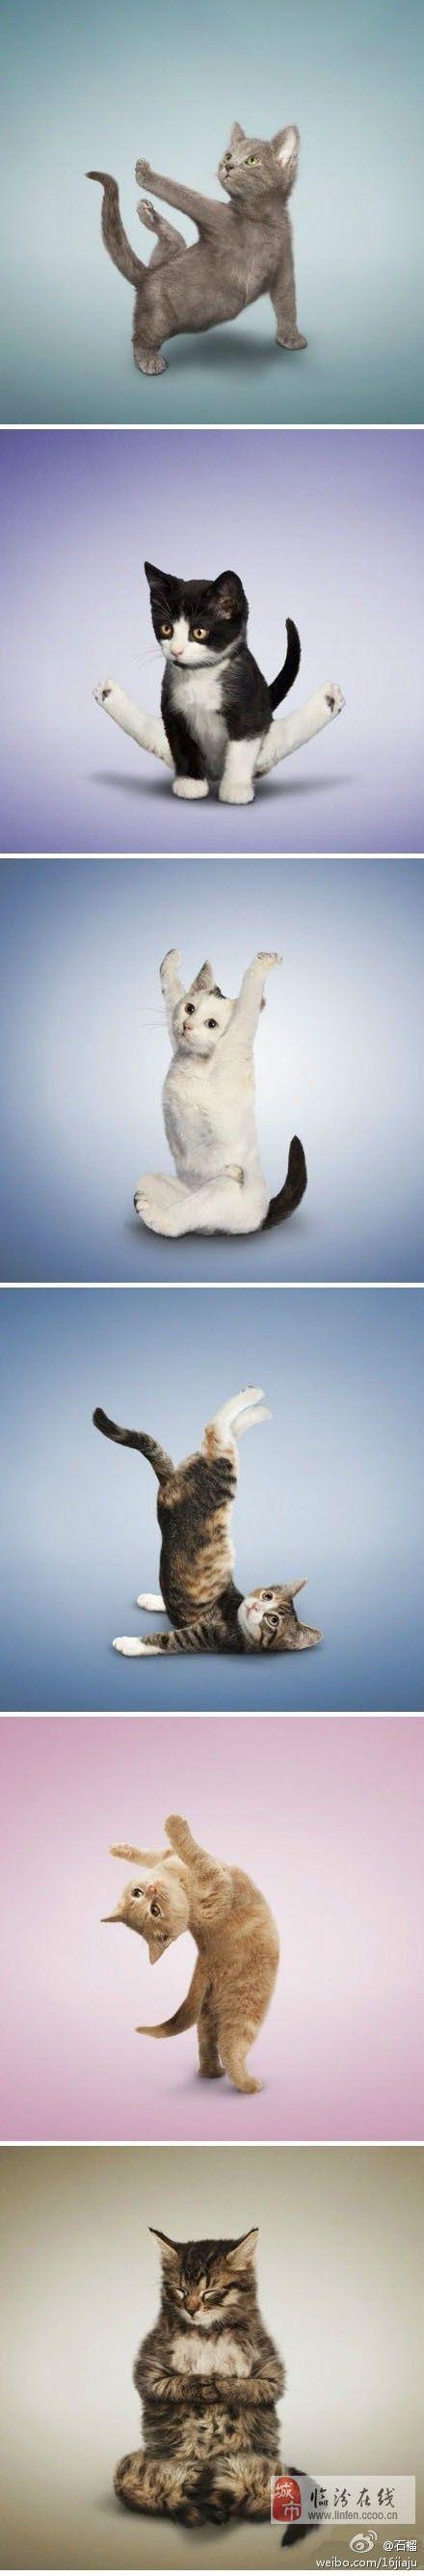 来,大家一起来练瑜伽!